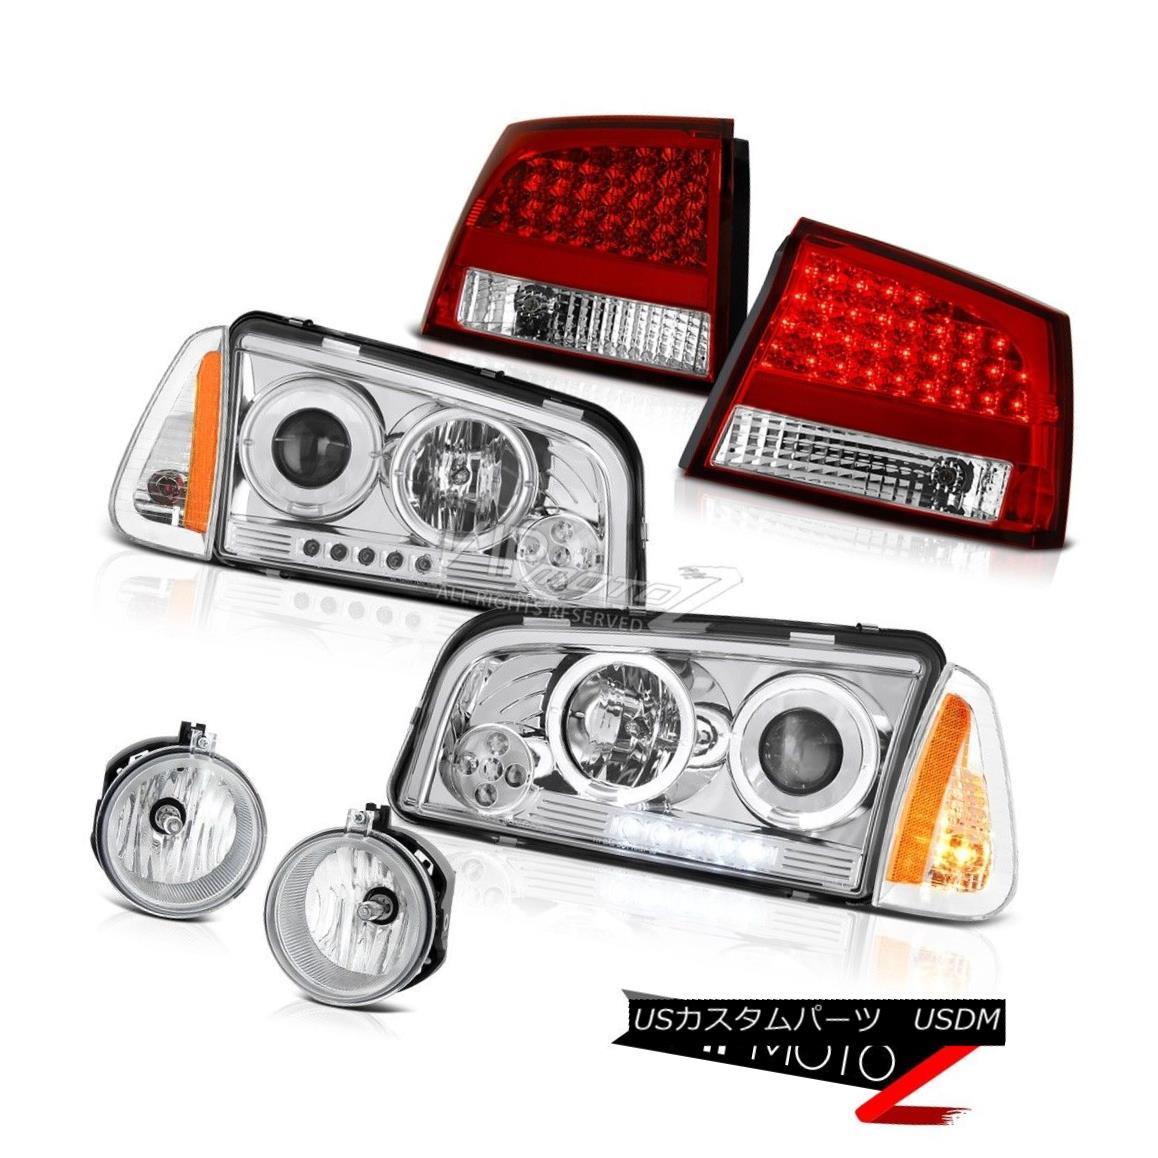 ヘッドライト 09-10 Dodge Charger SXT Fog lamps bloody red taillights signal lamp headlights 09-10ダッジチャージャーSXTフォグランプピンクの赤いテールライト信号灯ヘッドライト